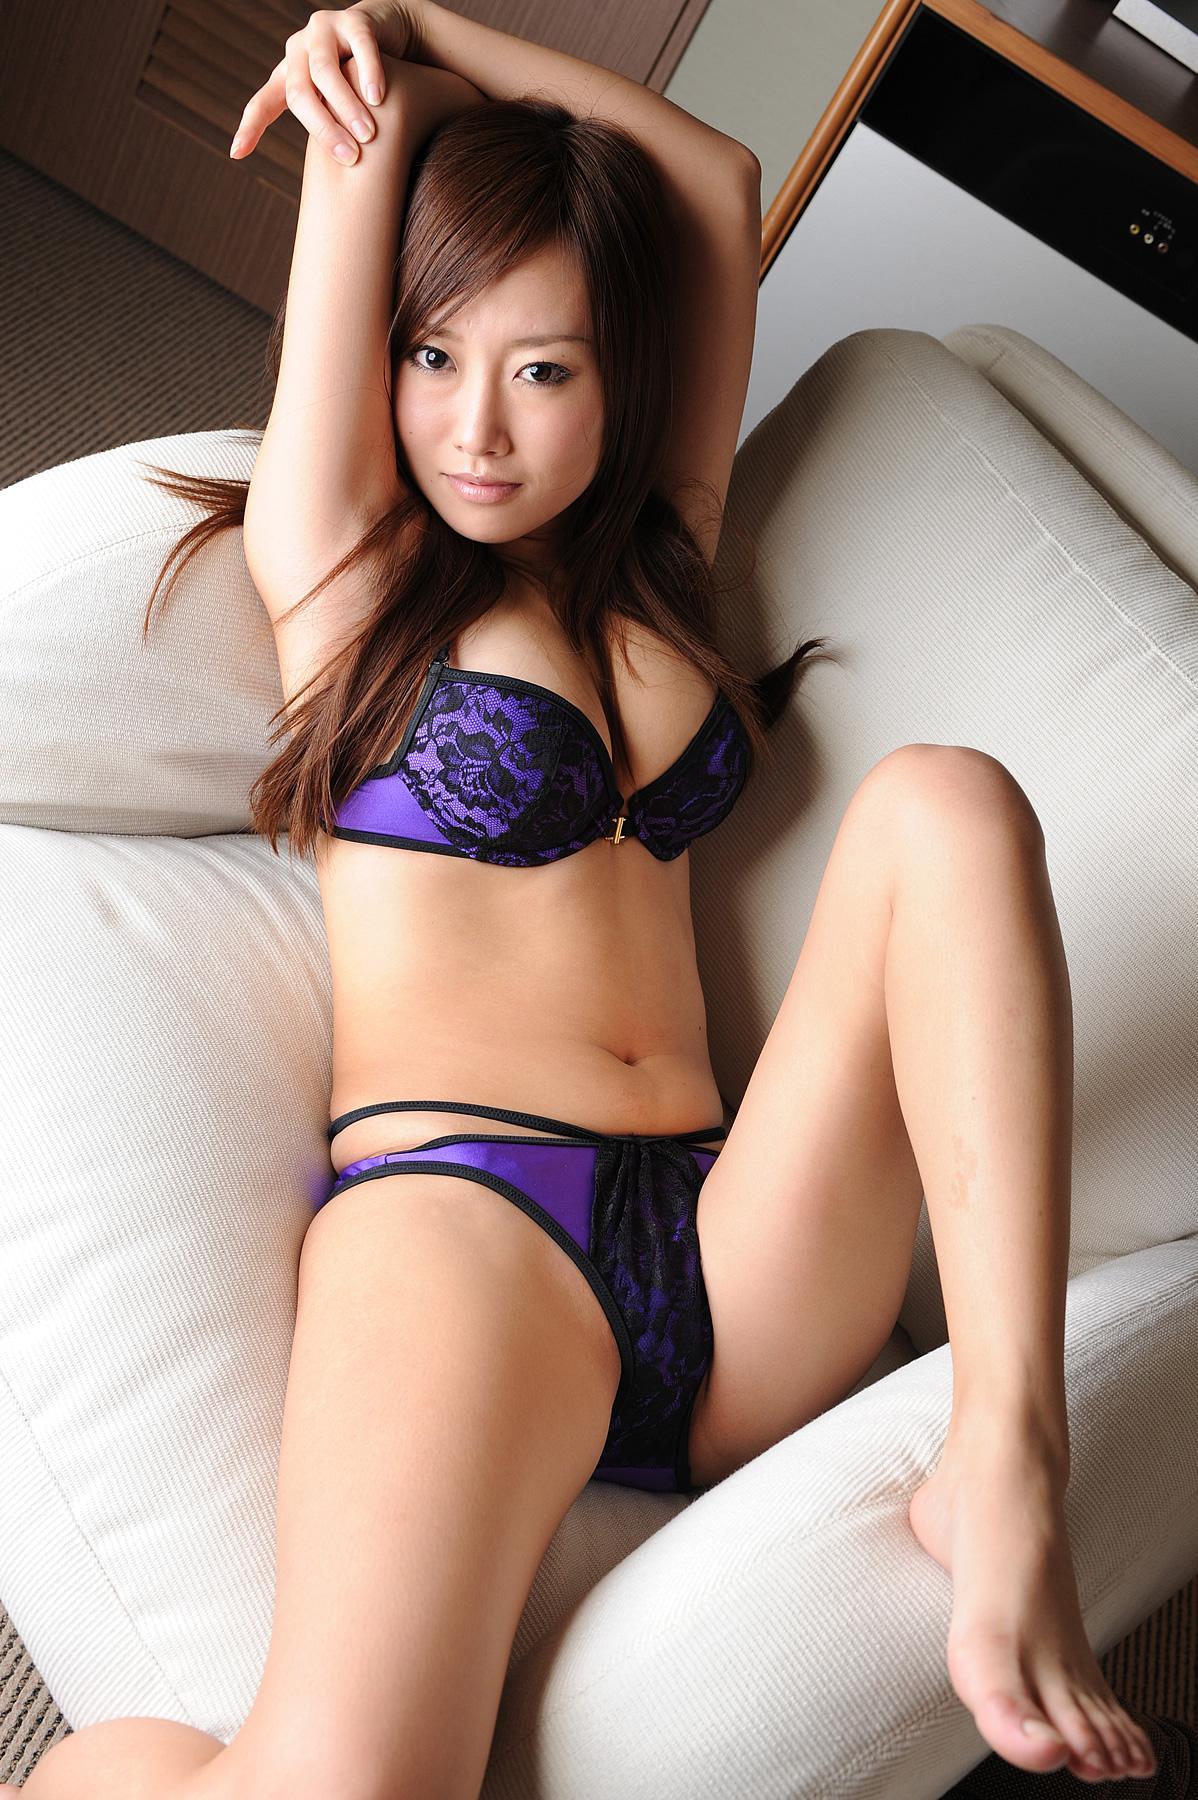 三次元 3次元 エロ画像 紫 ランジェリー 下着 べっぴん娘通信 08